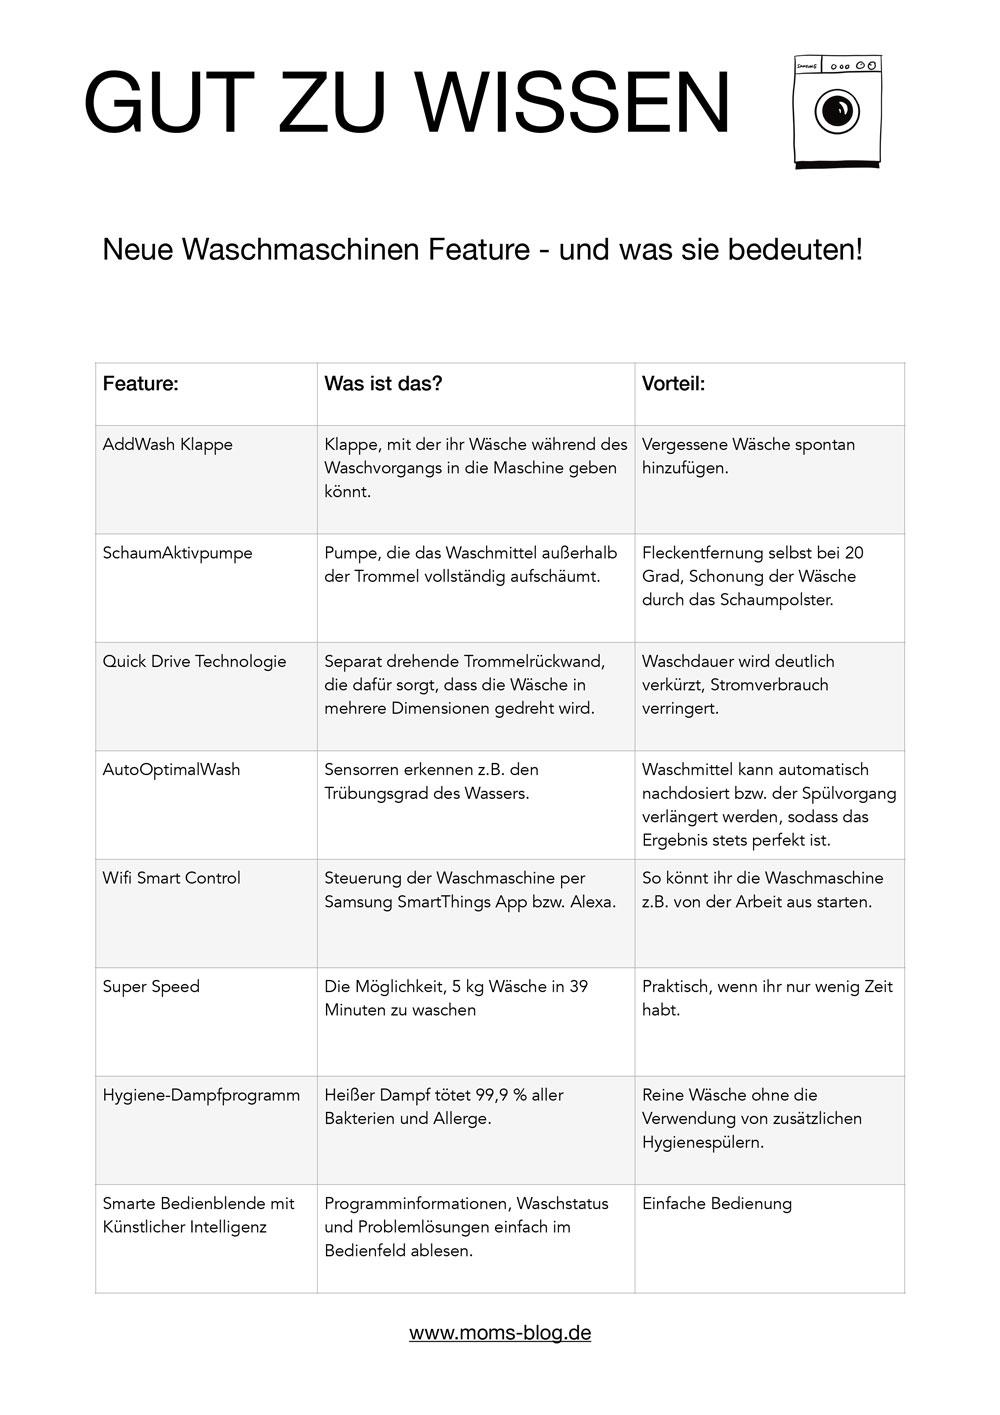 Waschmaschinen_Kaufempfehlung